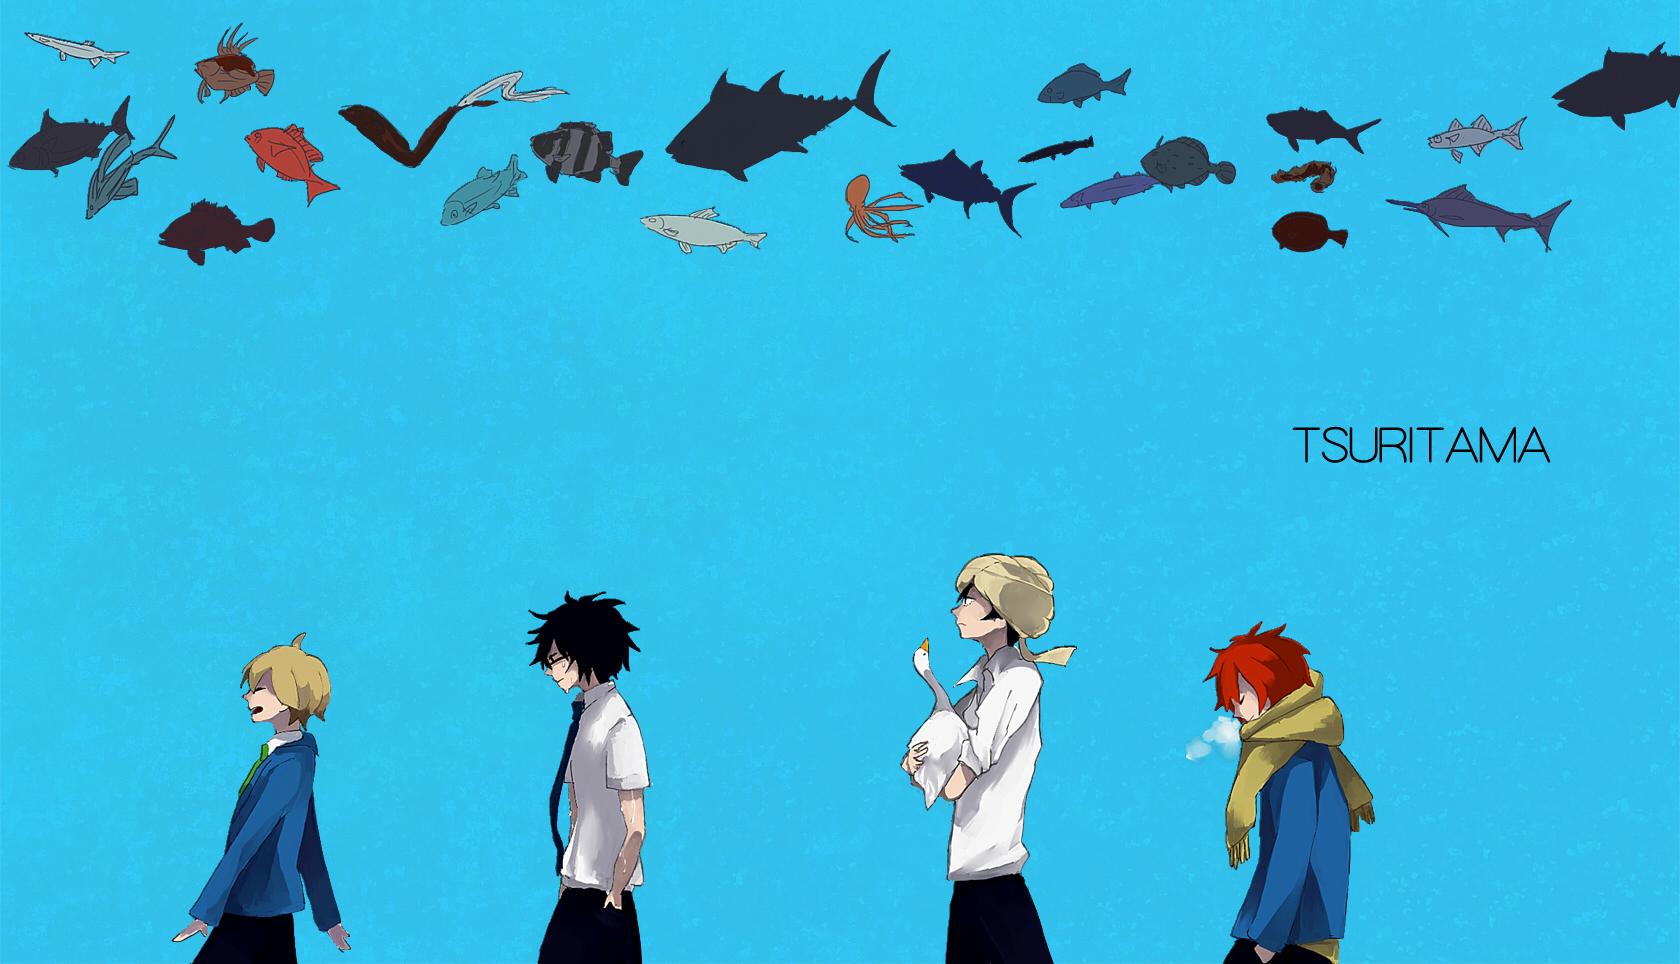 Tsuritama Image Zerochan Anime Image Board